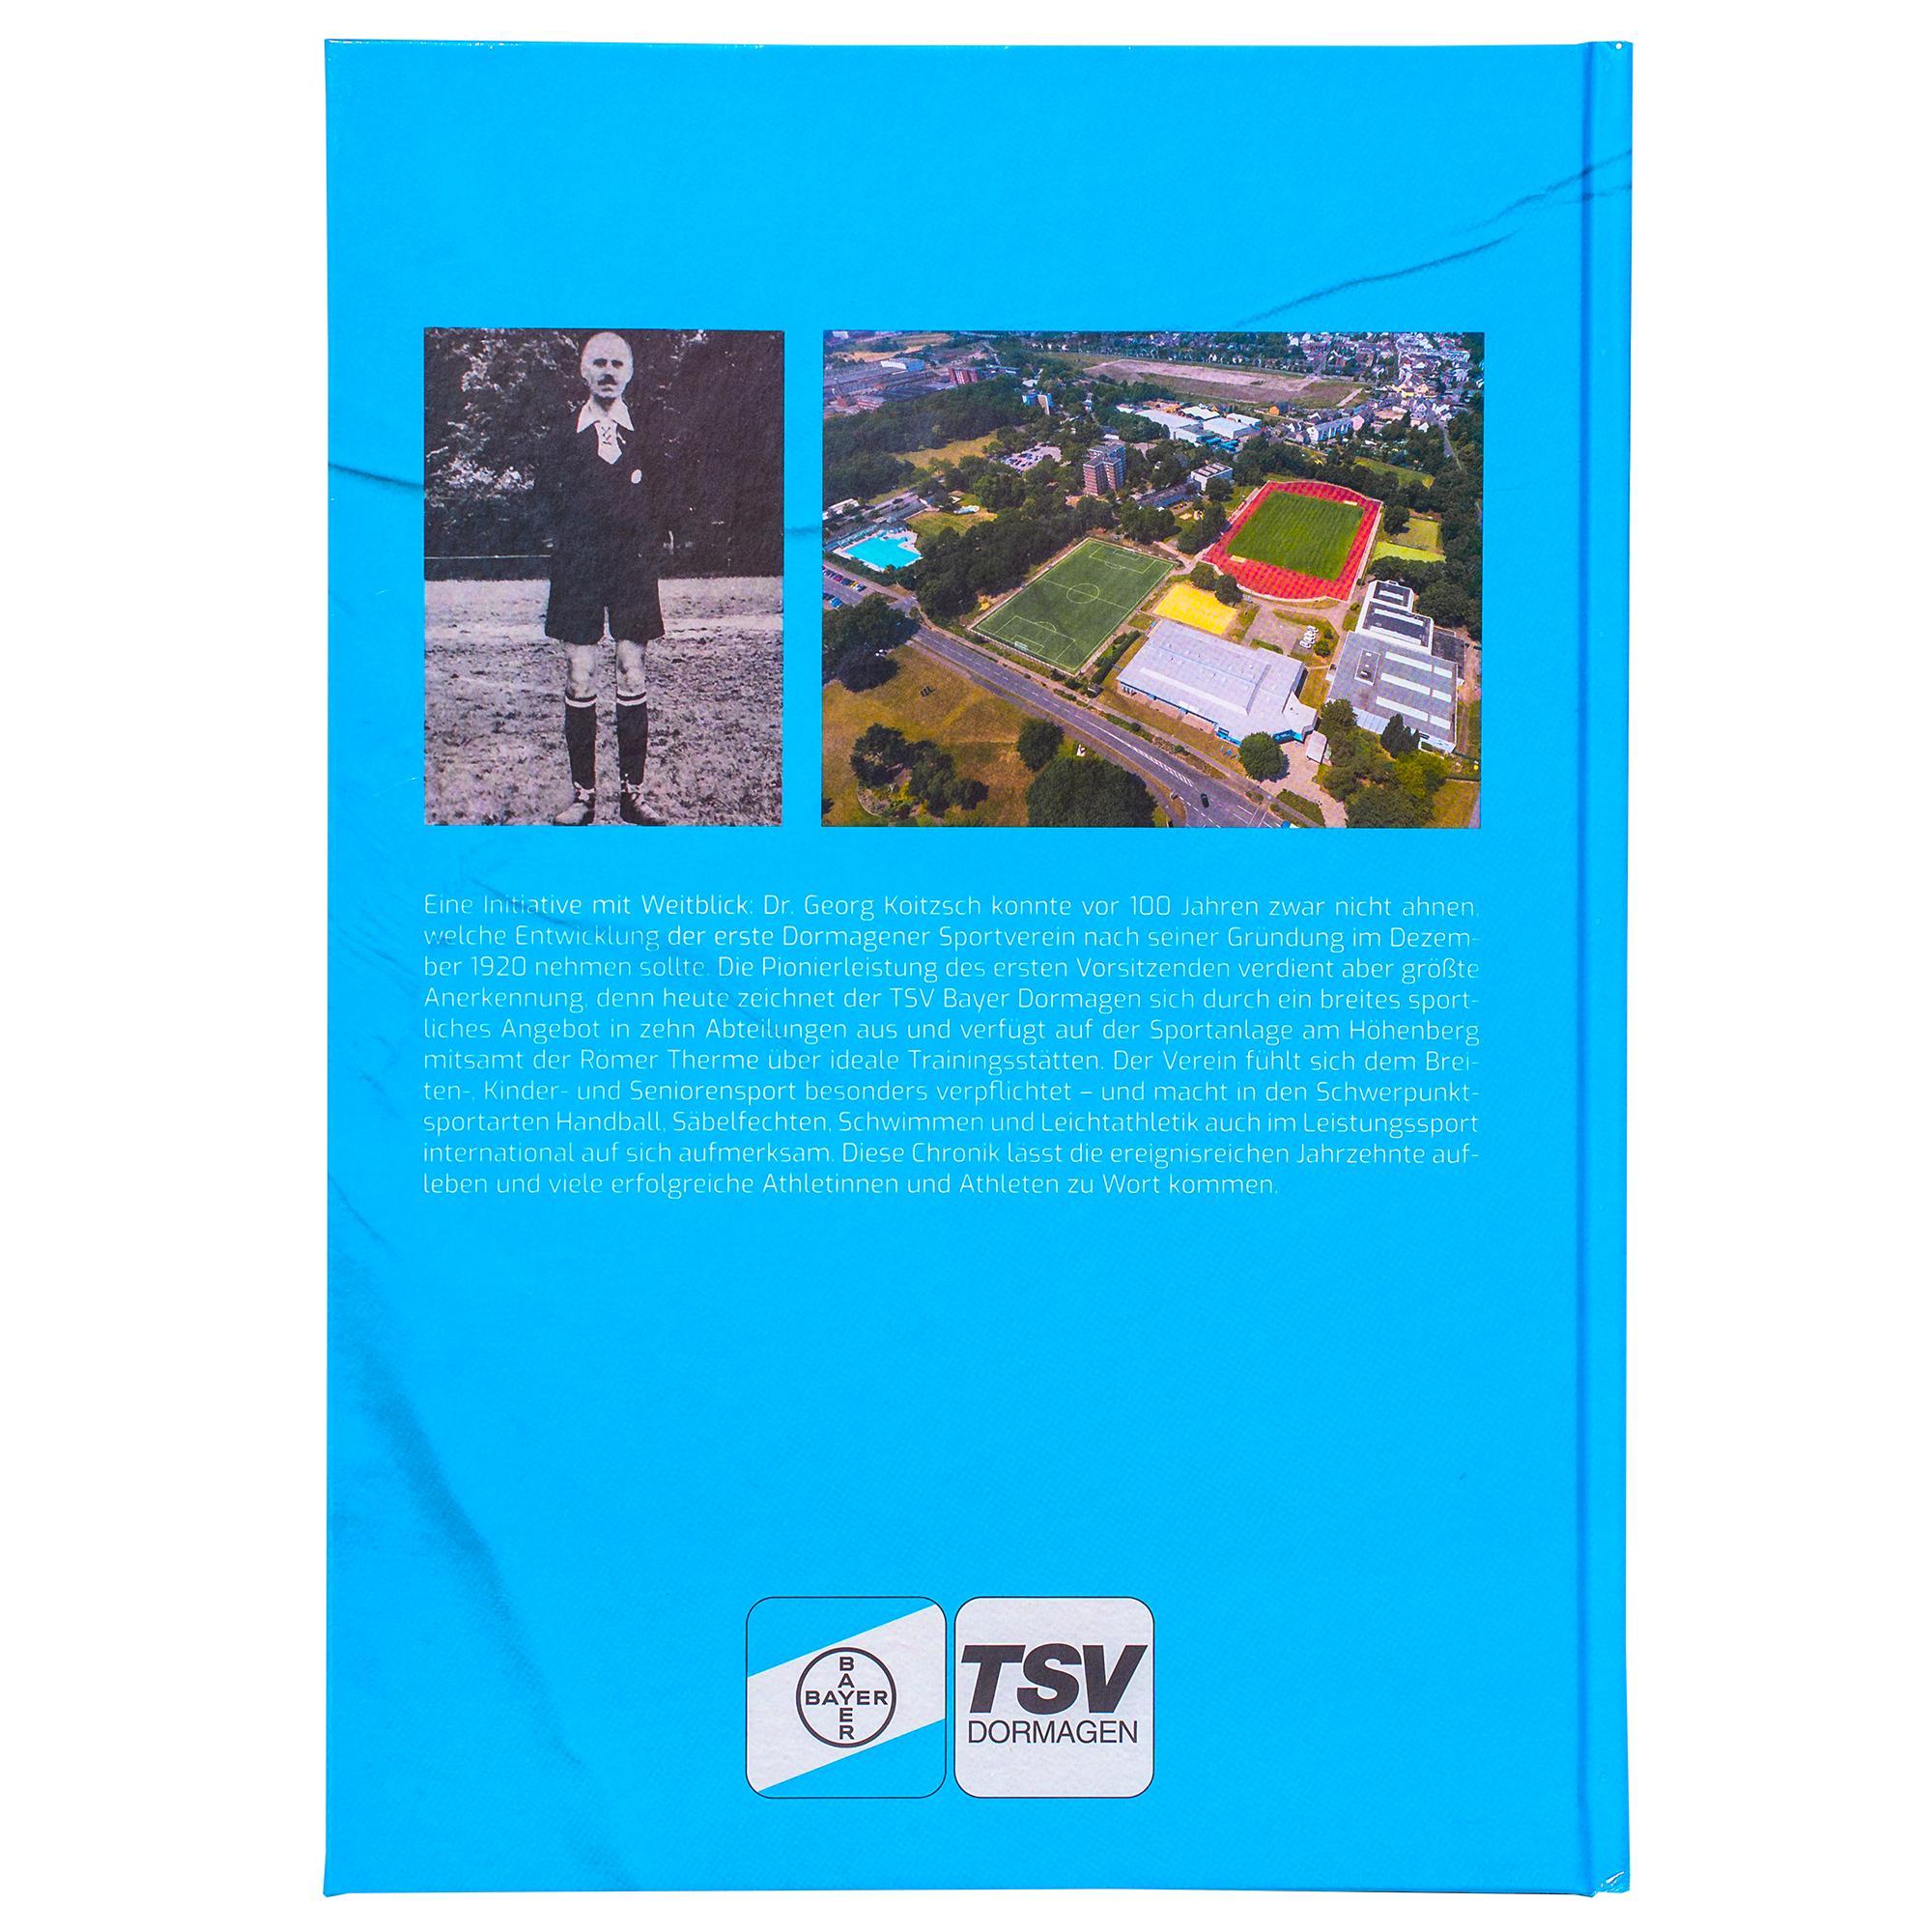 100 Jahre TSV Bayer Dormagen - Die Chronik